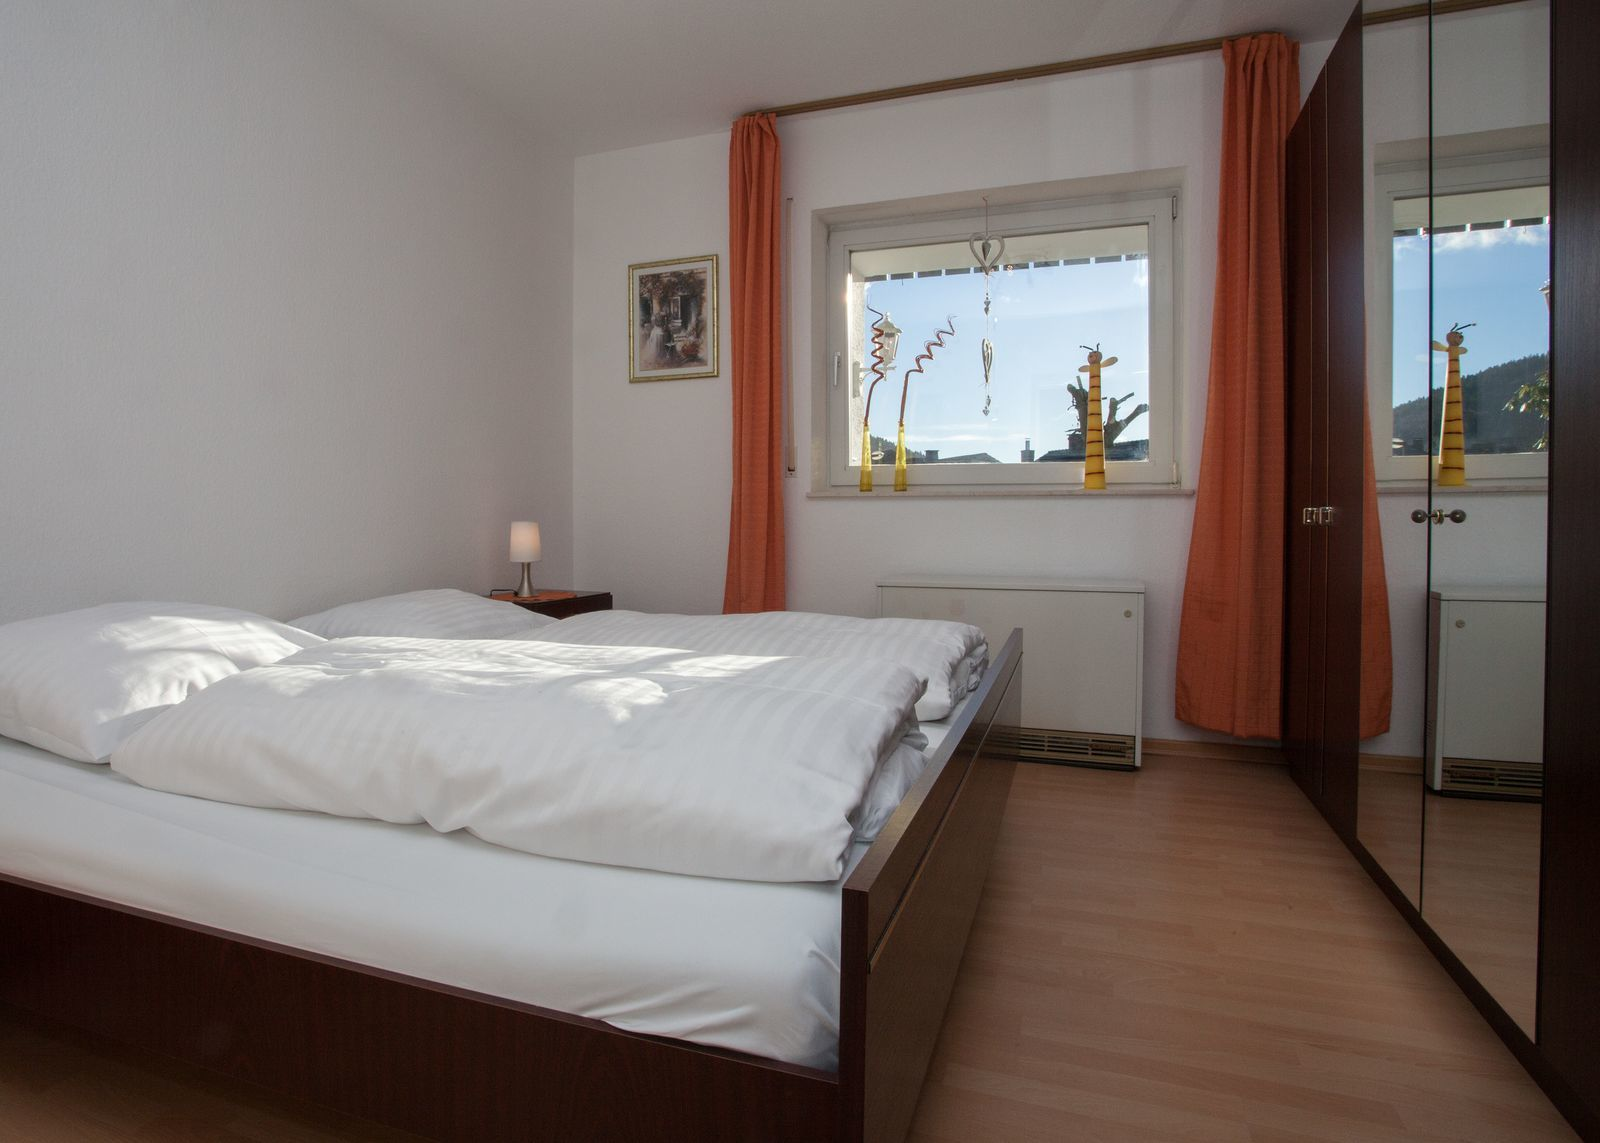 Apartment - Am Kleehagen 26-R